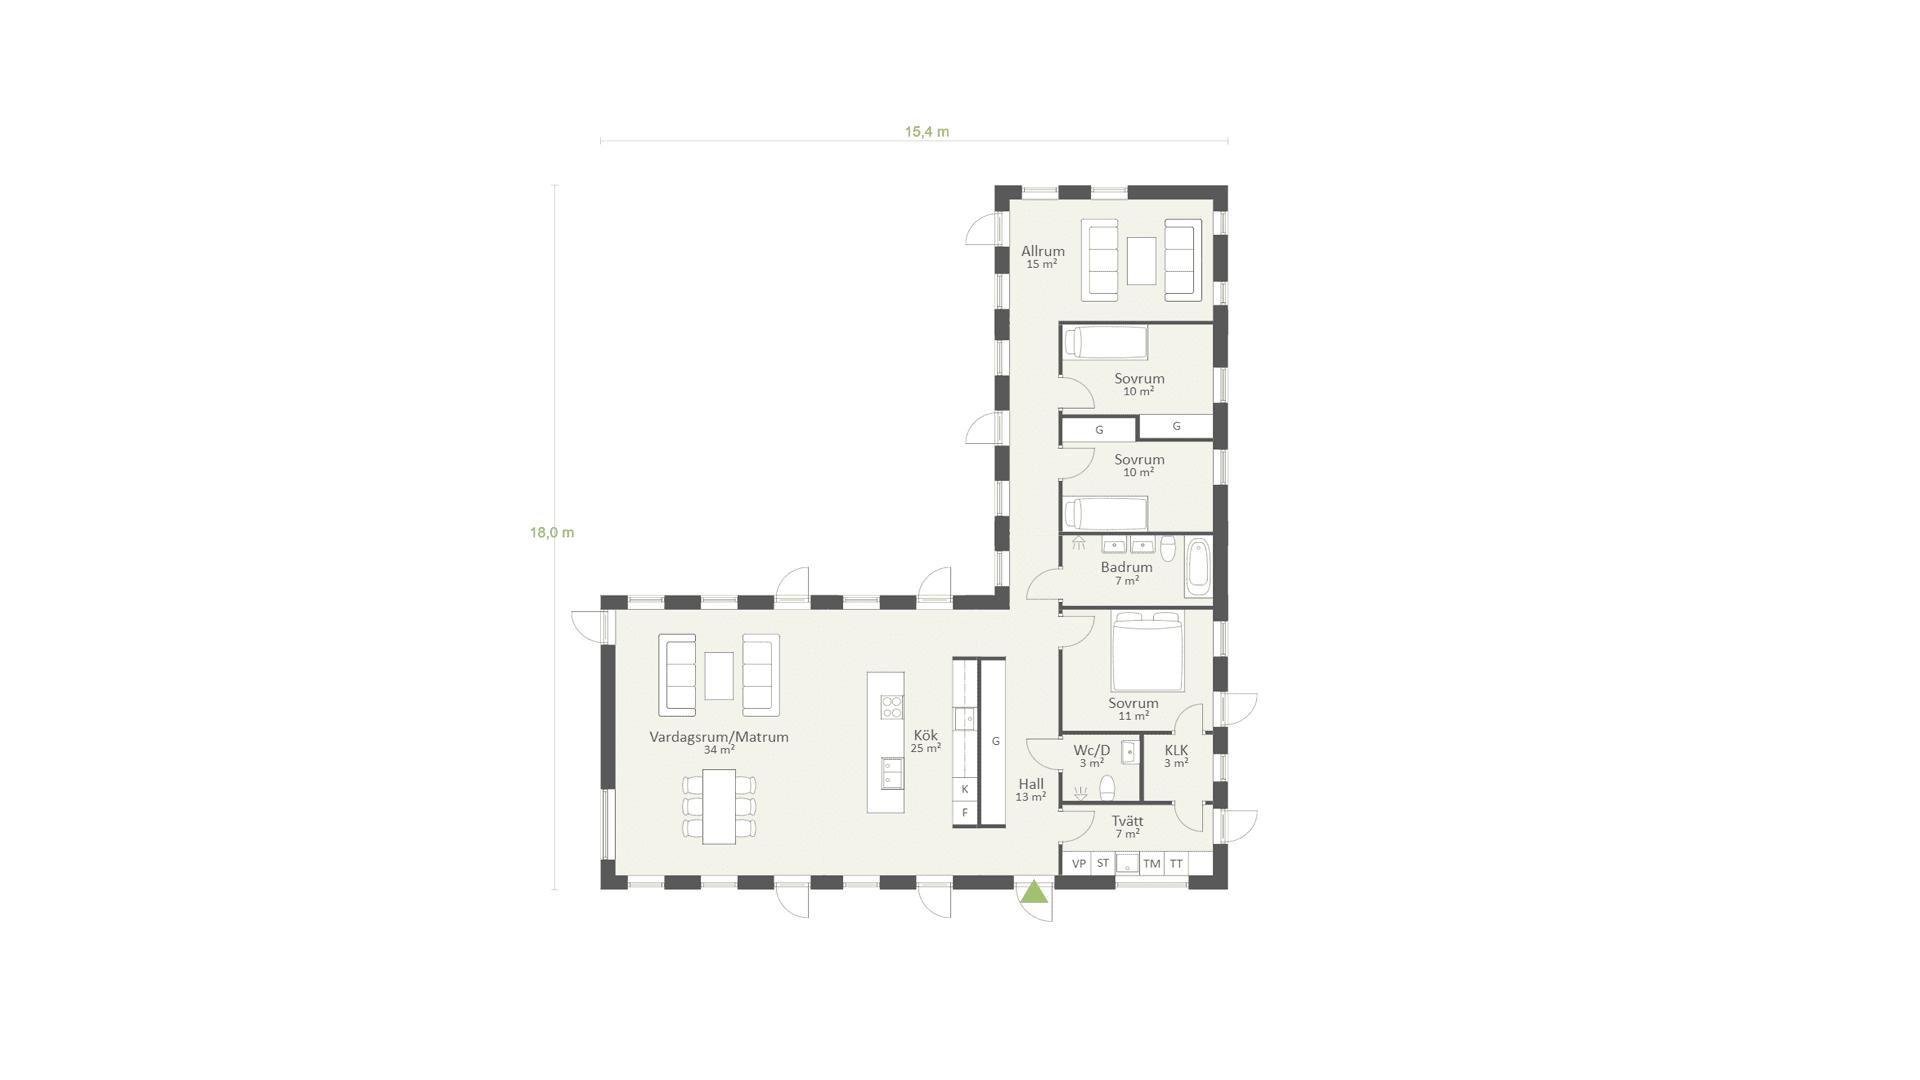 Planlösning enplanshus, Funkis 04, 153 kvm, 3 sovrum